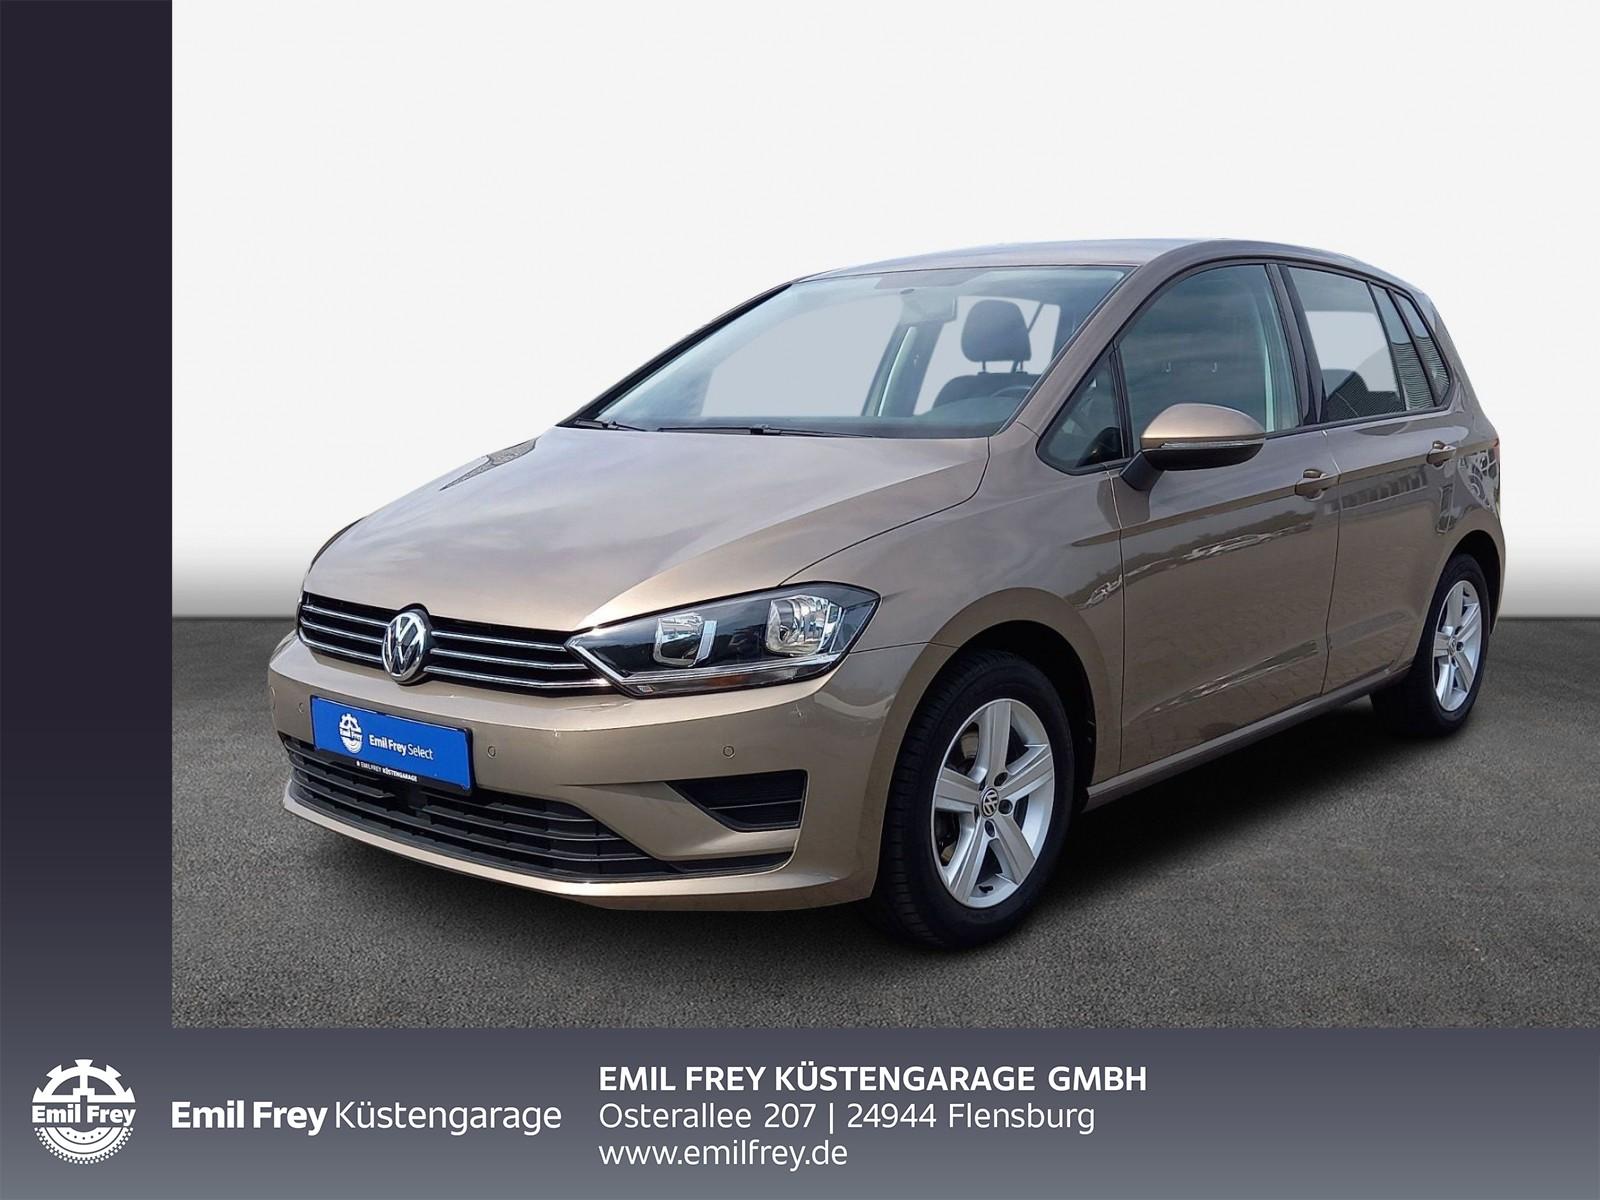 Volkswagen Golf Sportsvan 1.6 TDI -Comfortline- 5-Gang AHK/ Klima/ PDC/ SHZ, Jahr 2014, Diesel